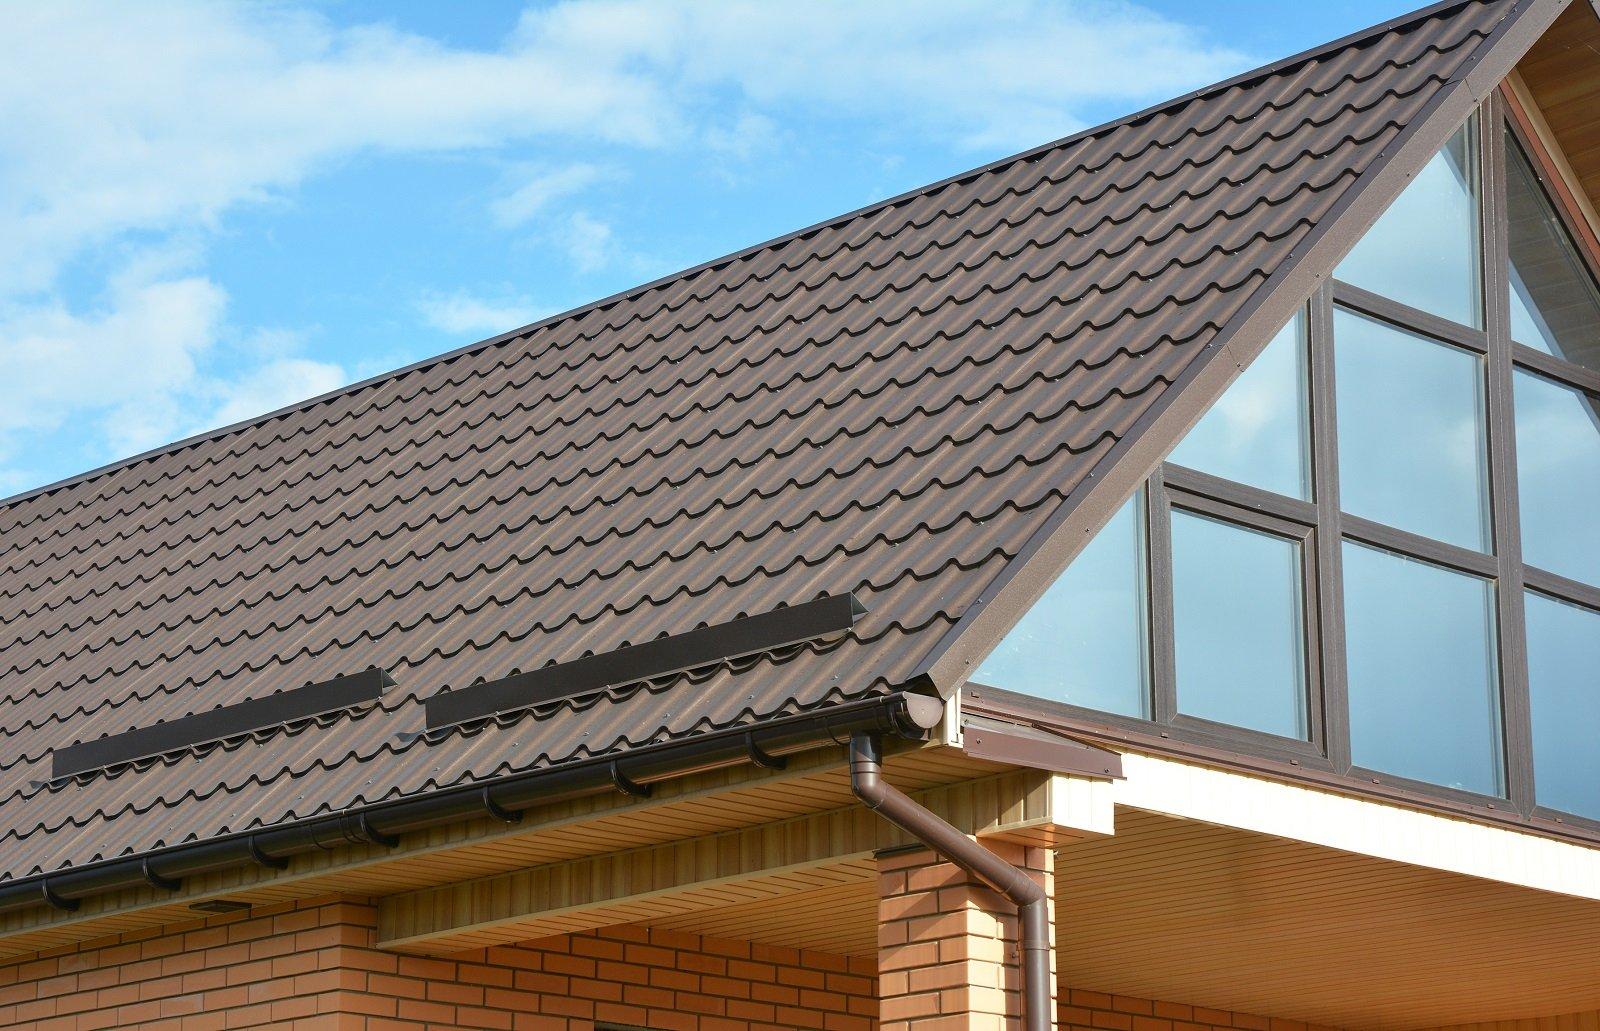 Nuova installazione di grondaie e copertura di tetto